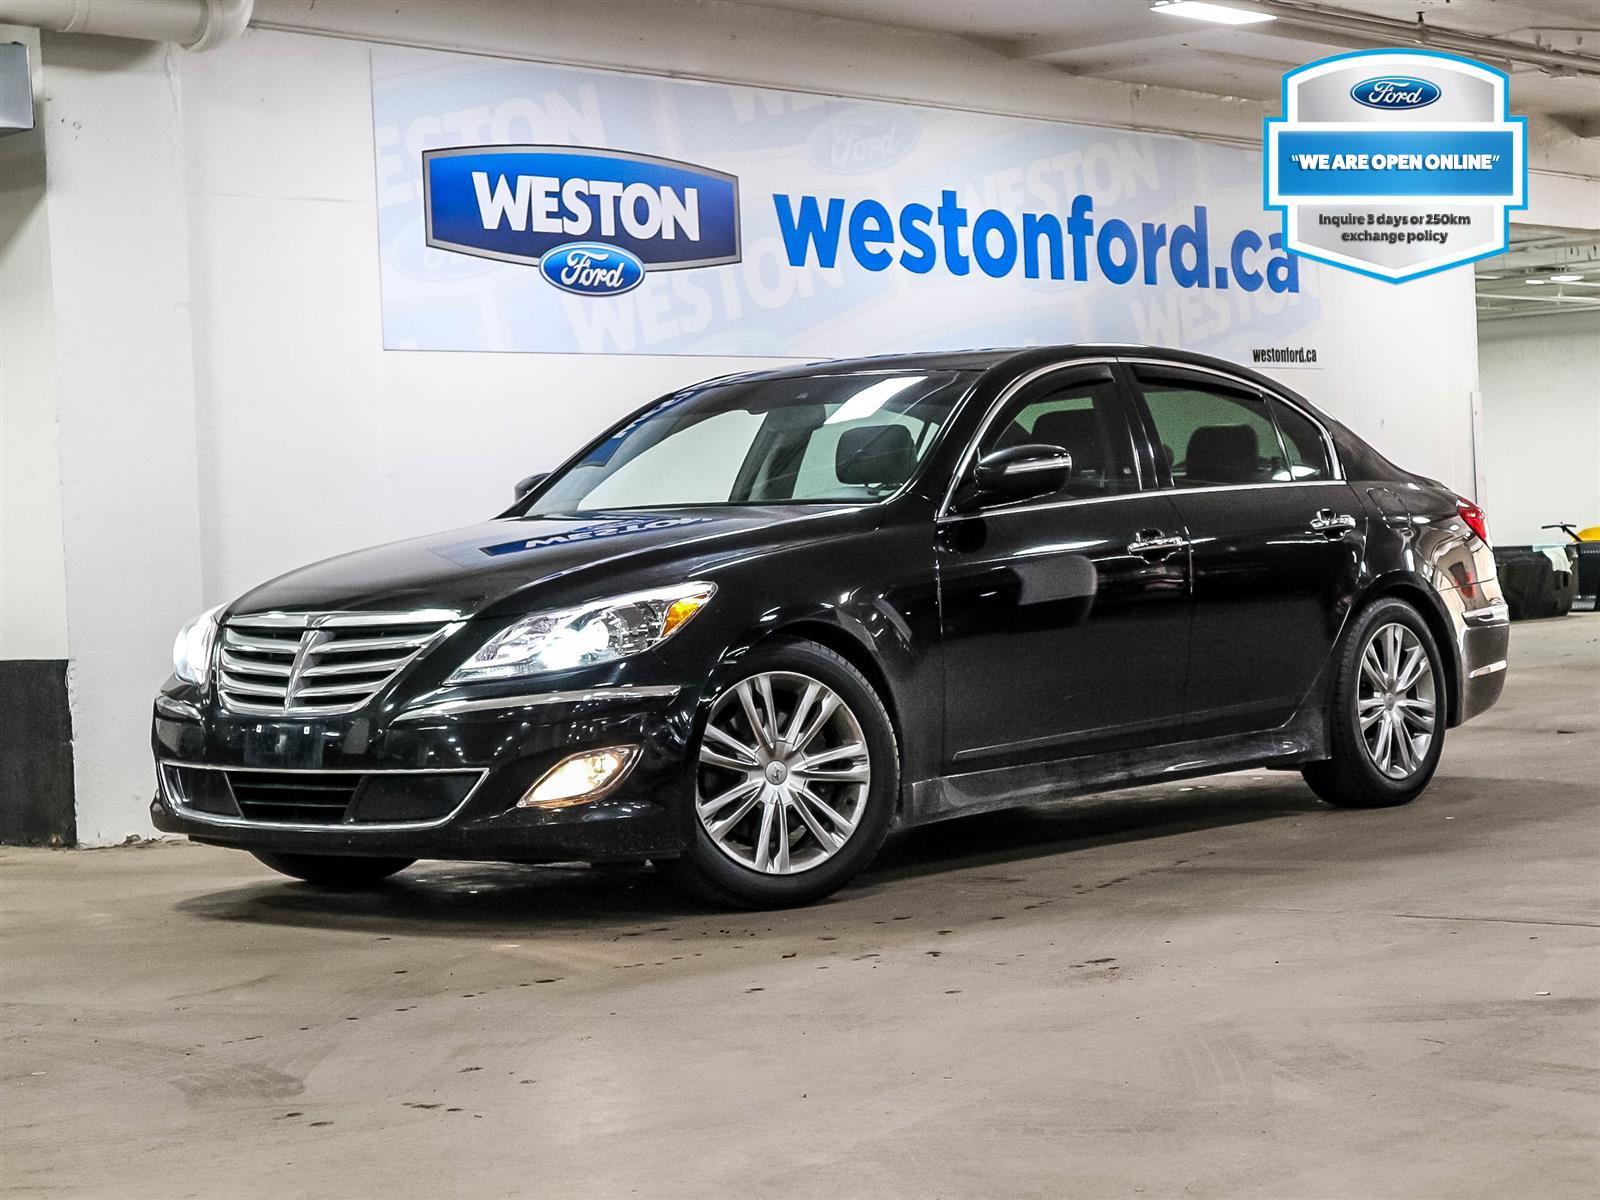 used 2013 Hyundai Genesis car, priced at $15,988